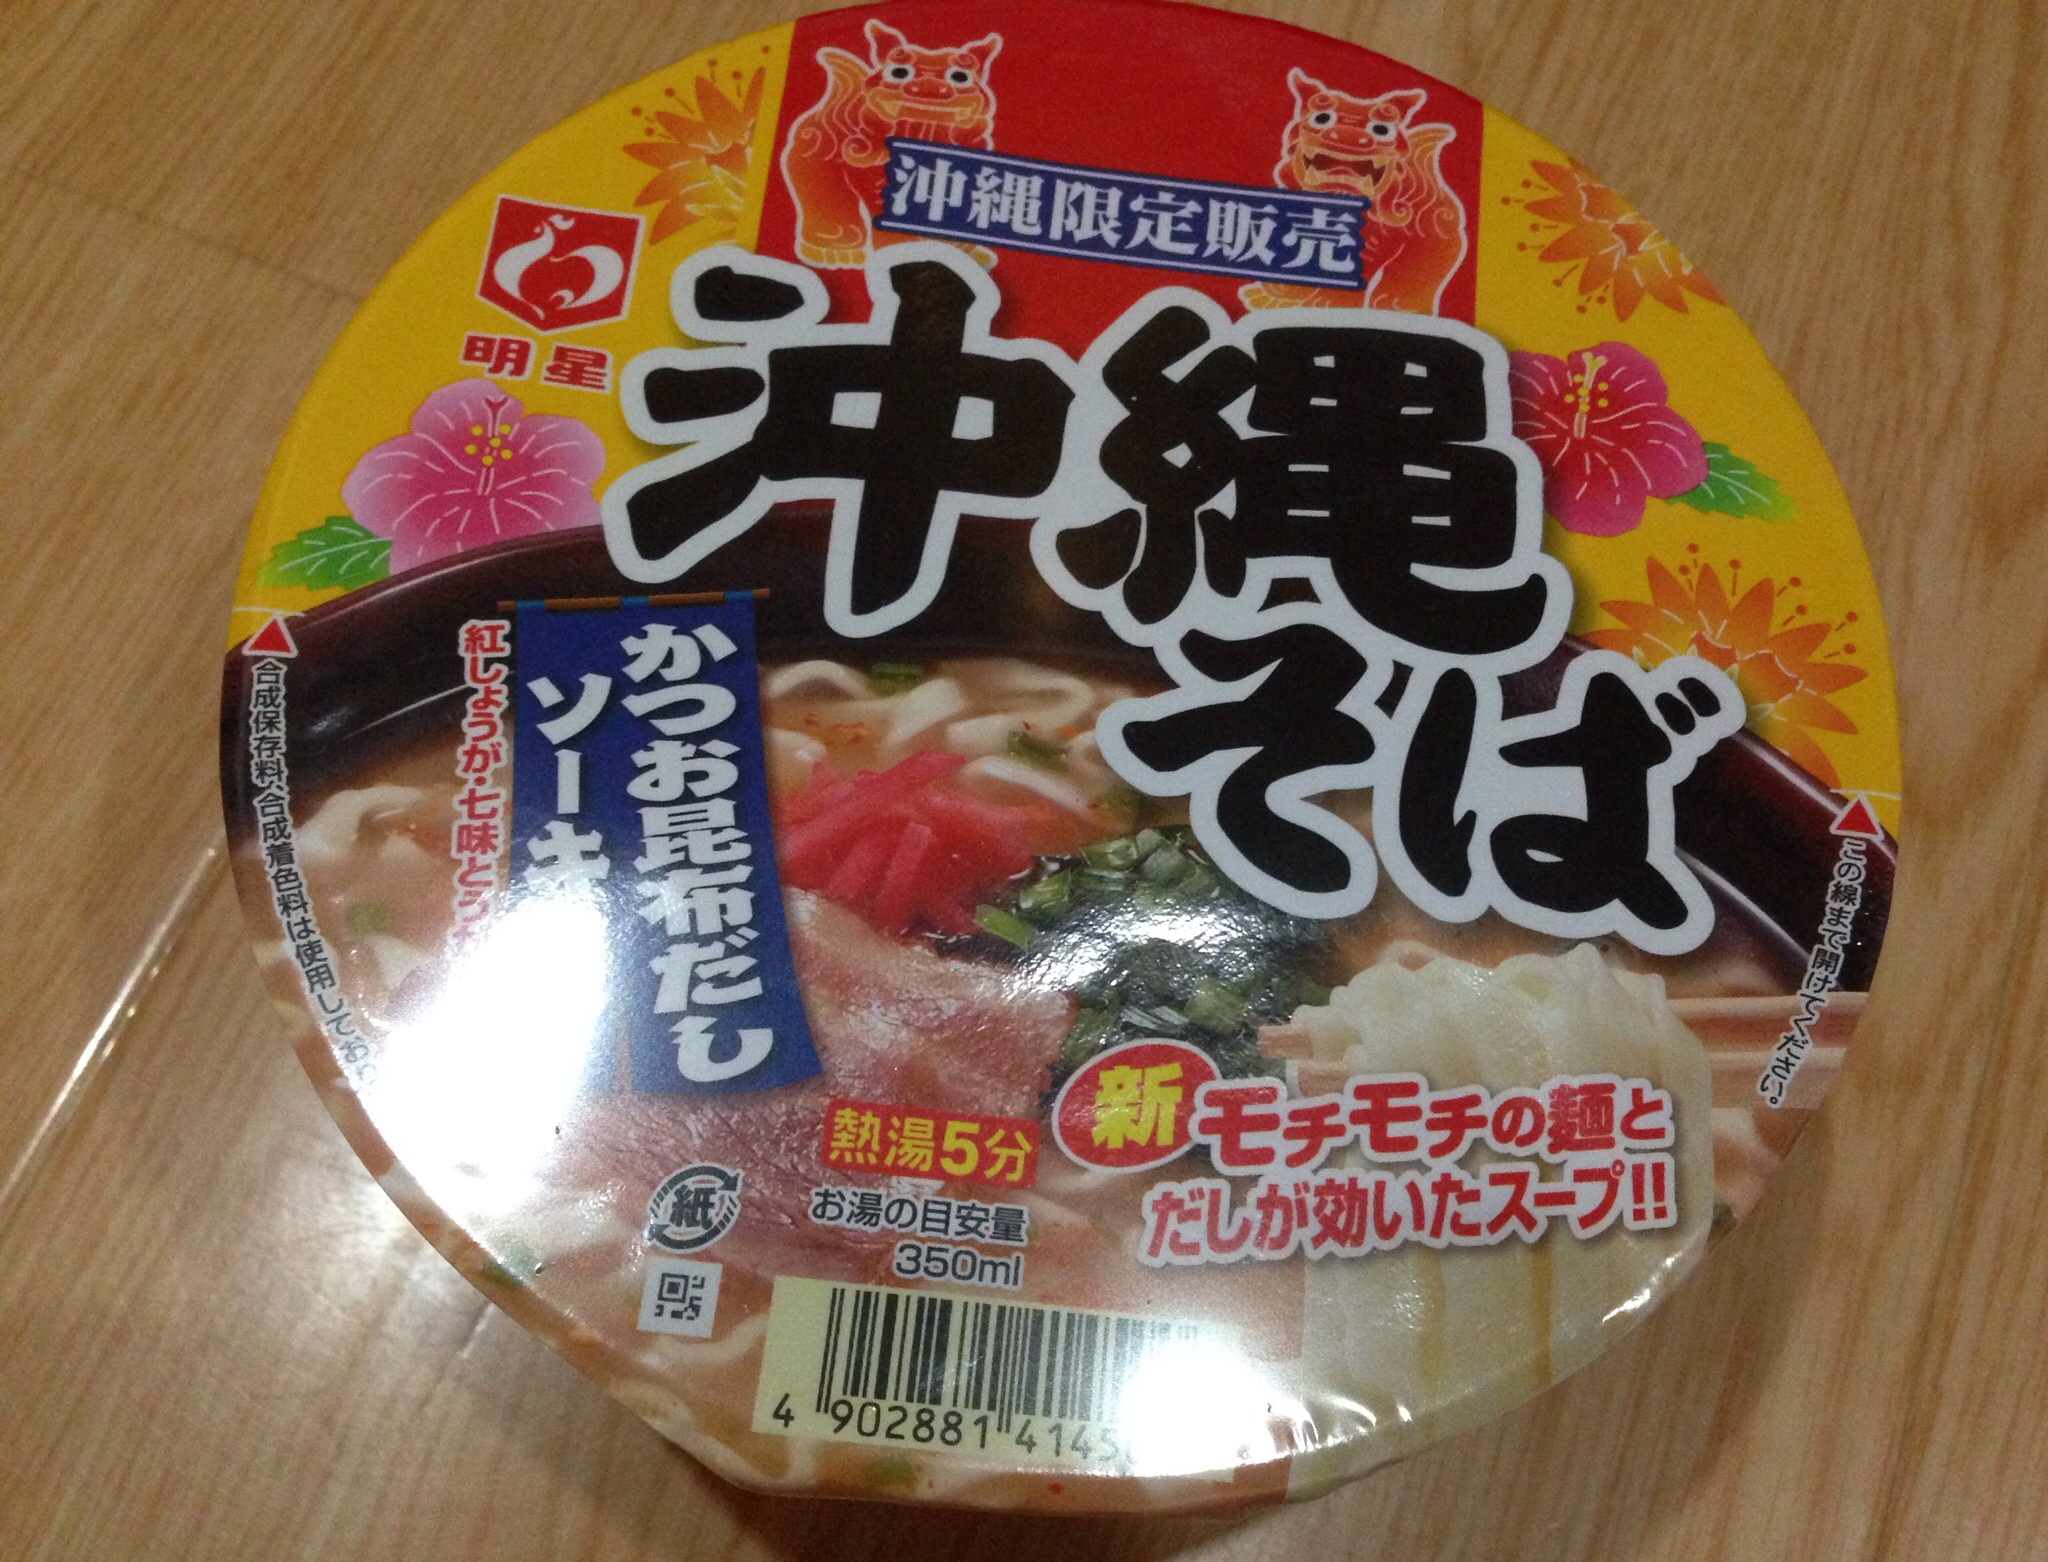 初沖縄そばカップ麺の味は?